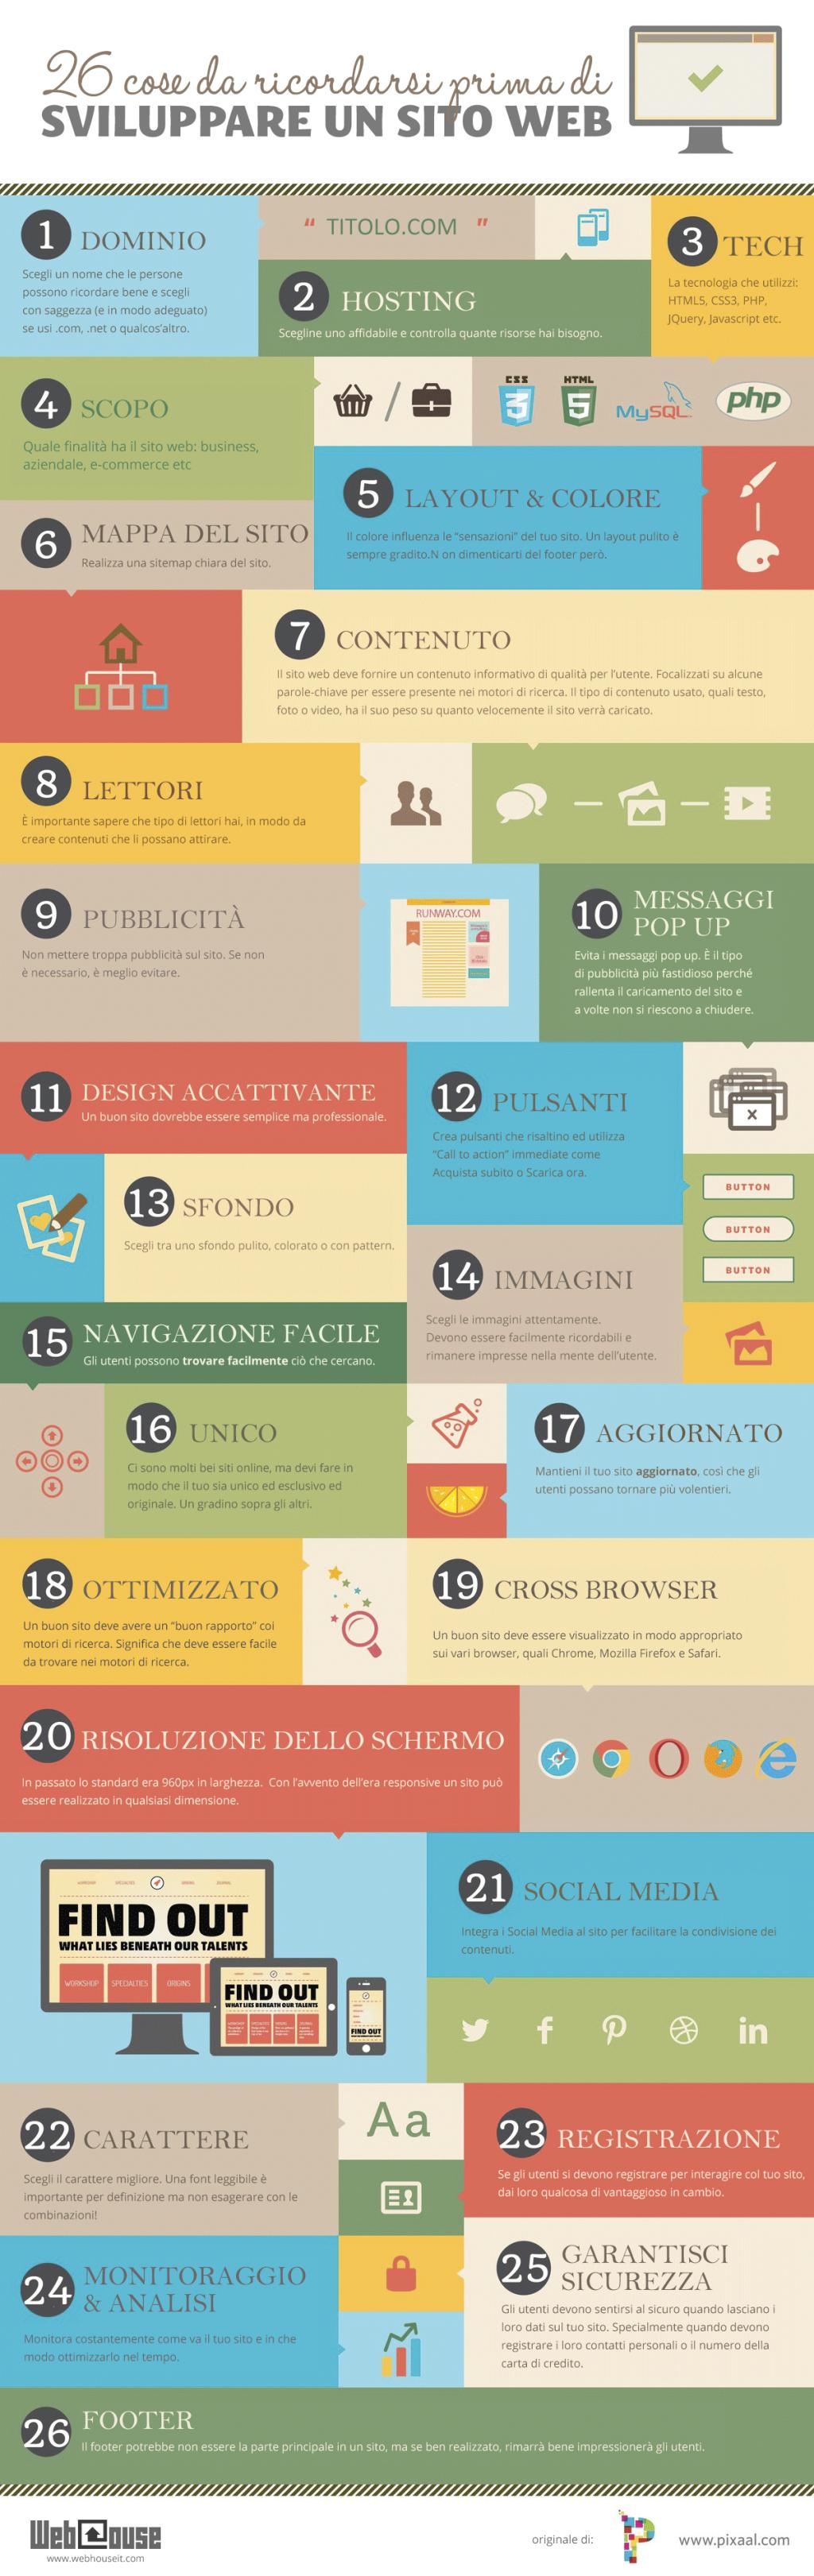 infografica-26-cose-da-fare-sito-web